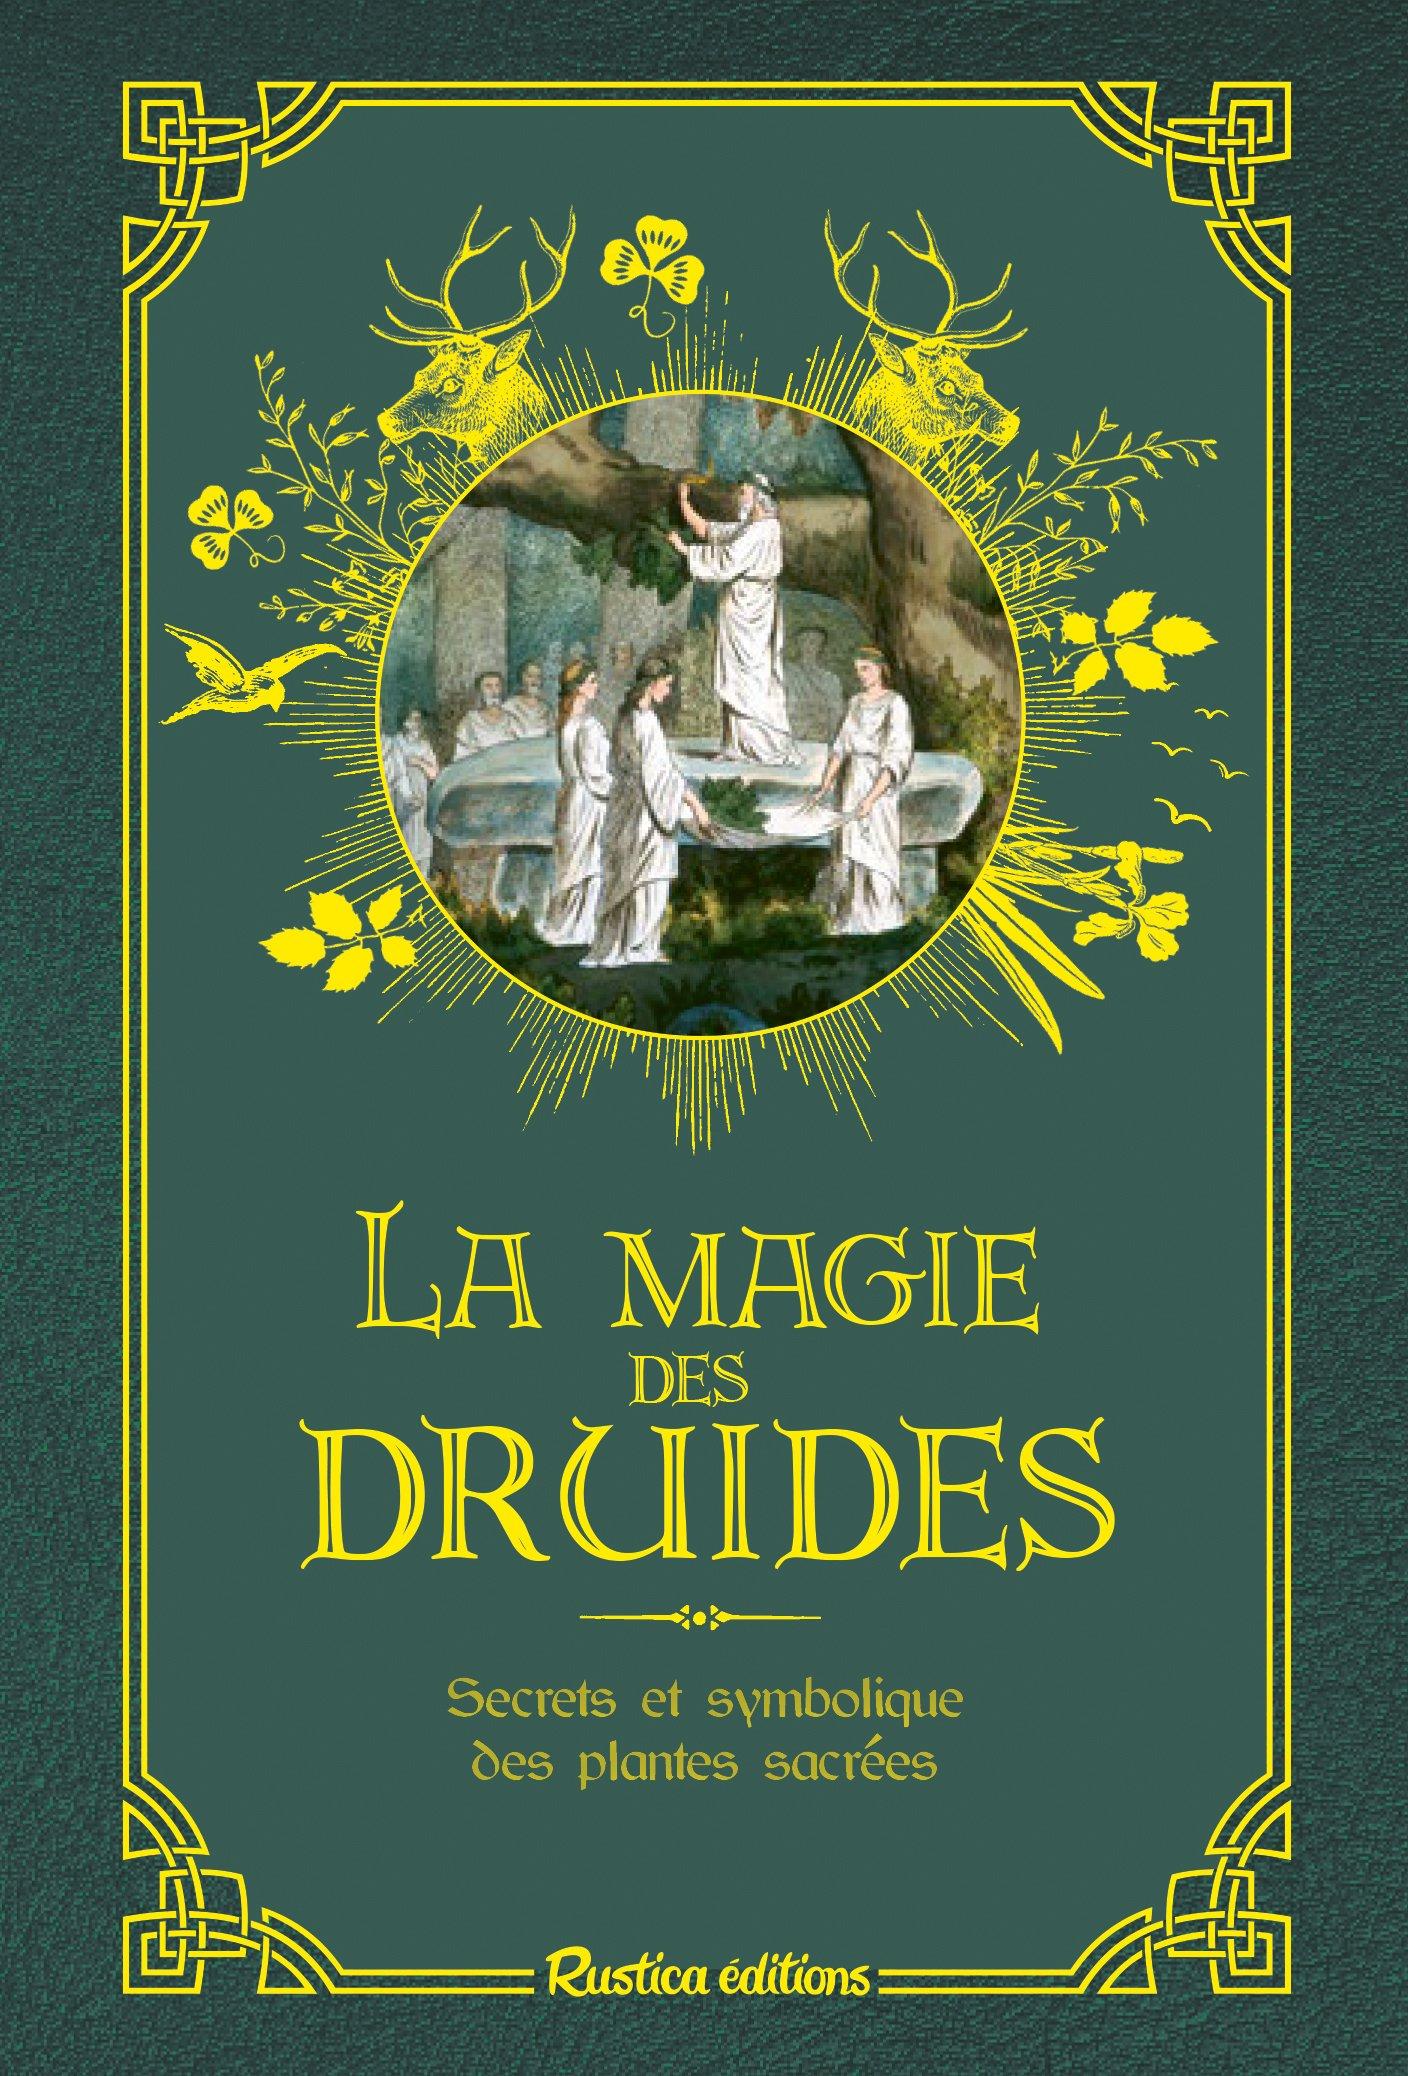 Les petits précieux Rustica : La magie des druides por Florence Laporte